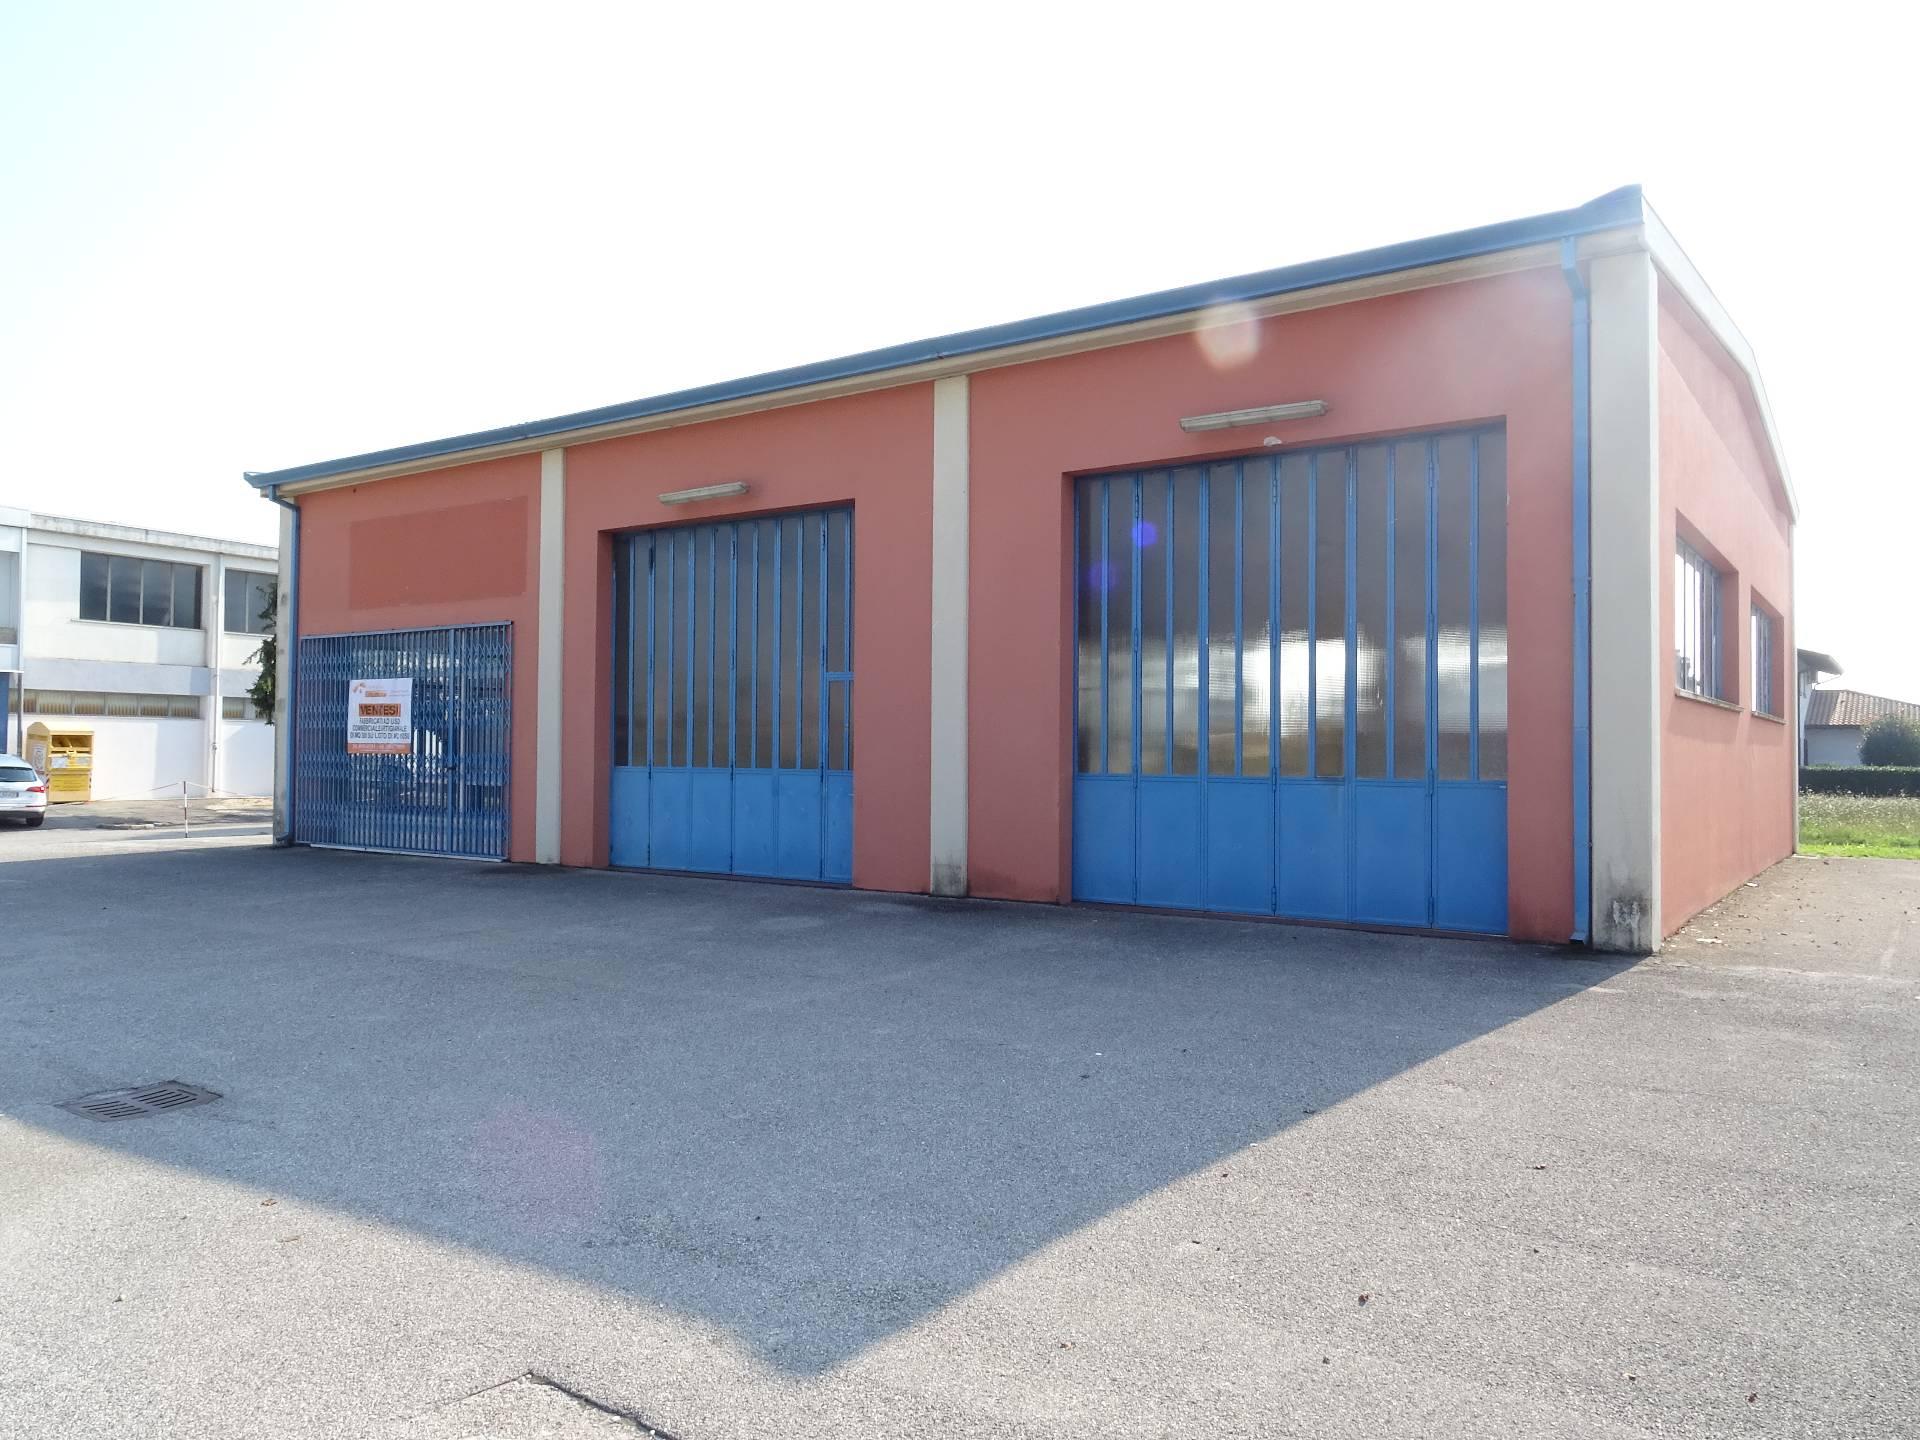 Negozio / Locale in vendita a Muzzana del Turgnano, 9999 locali, prezzo € 169.000   CambioCasa.it